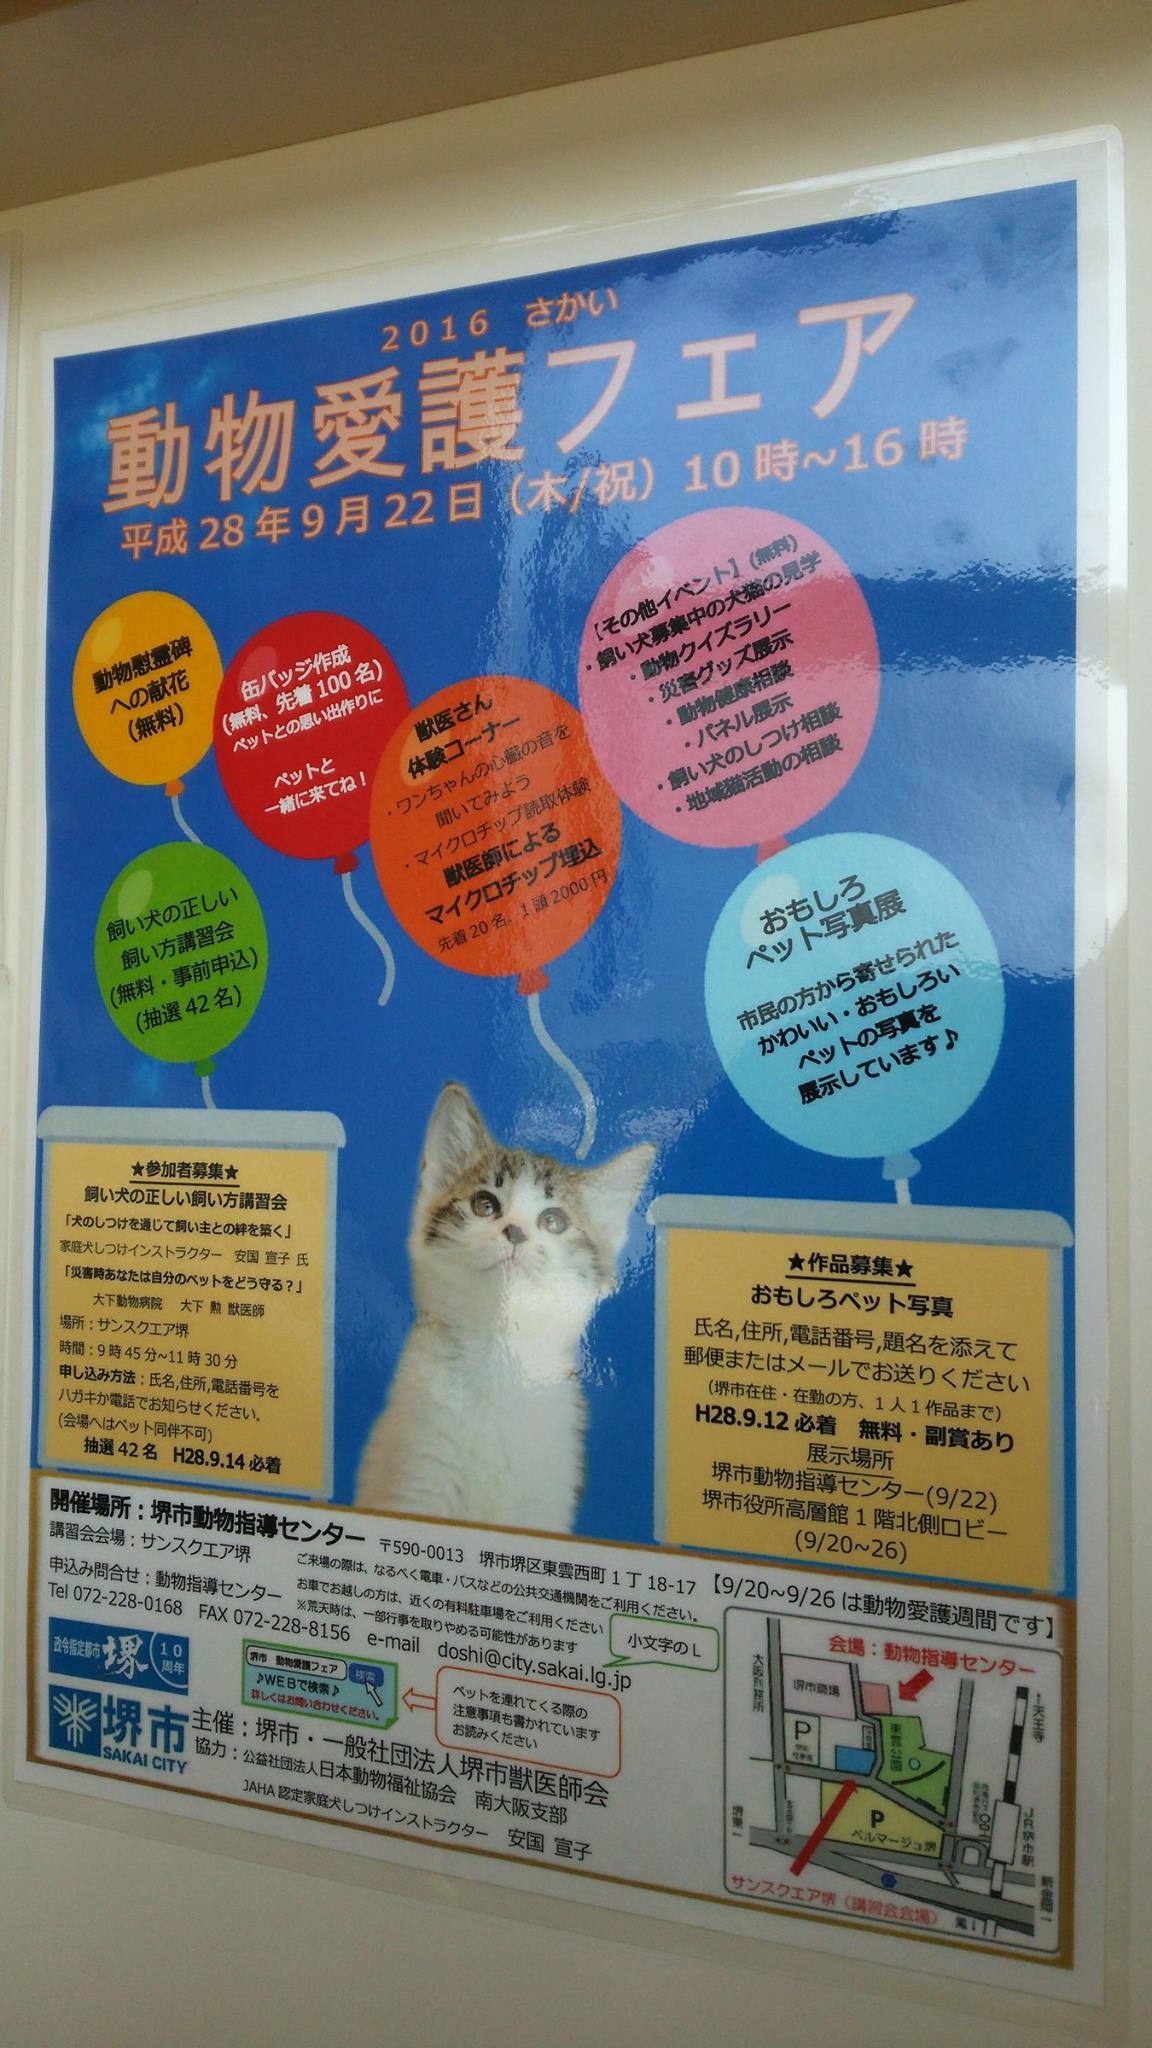 動物愛護フェア